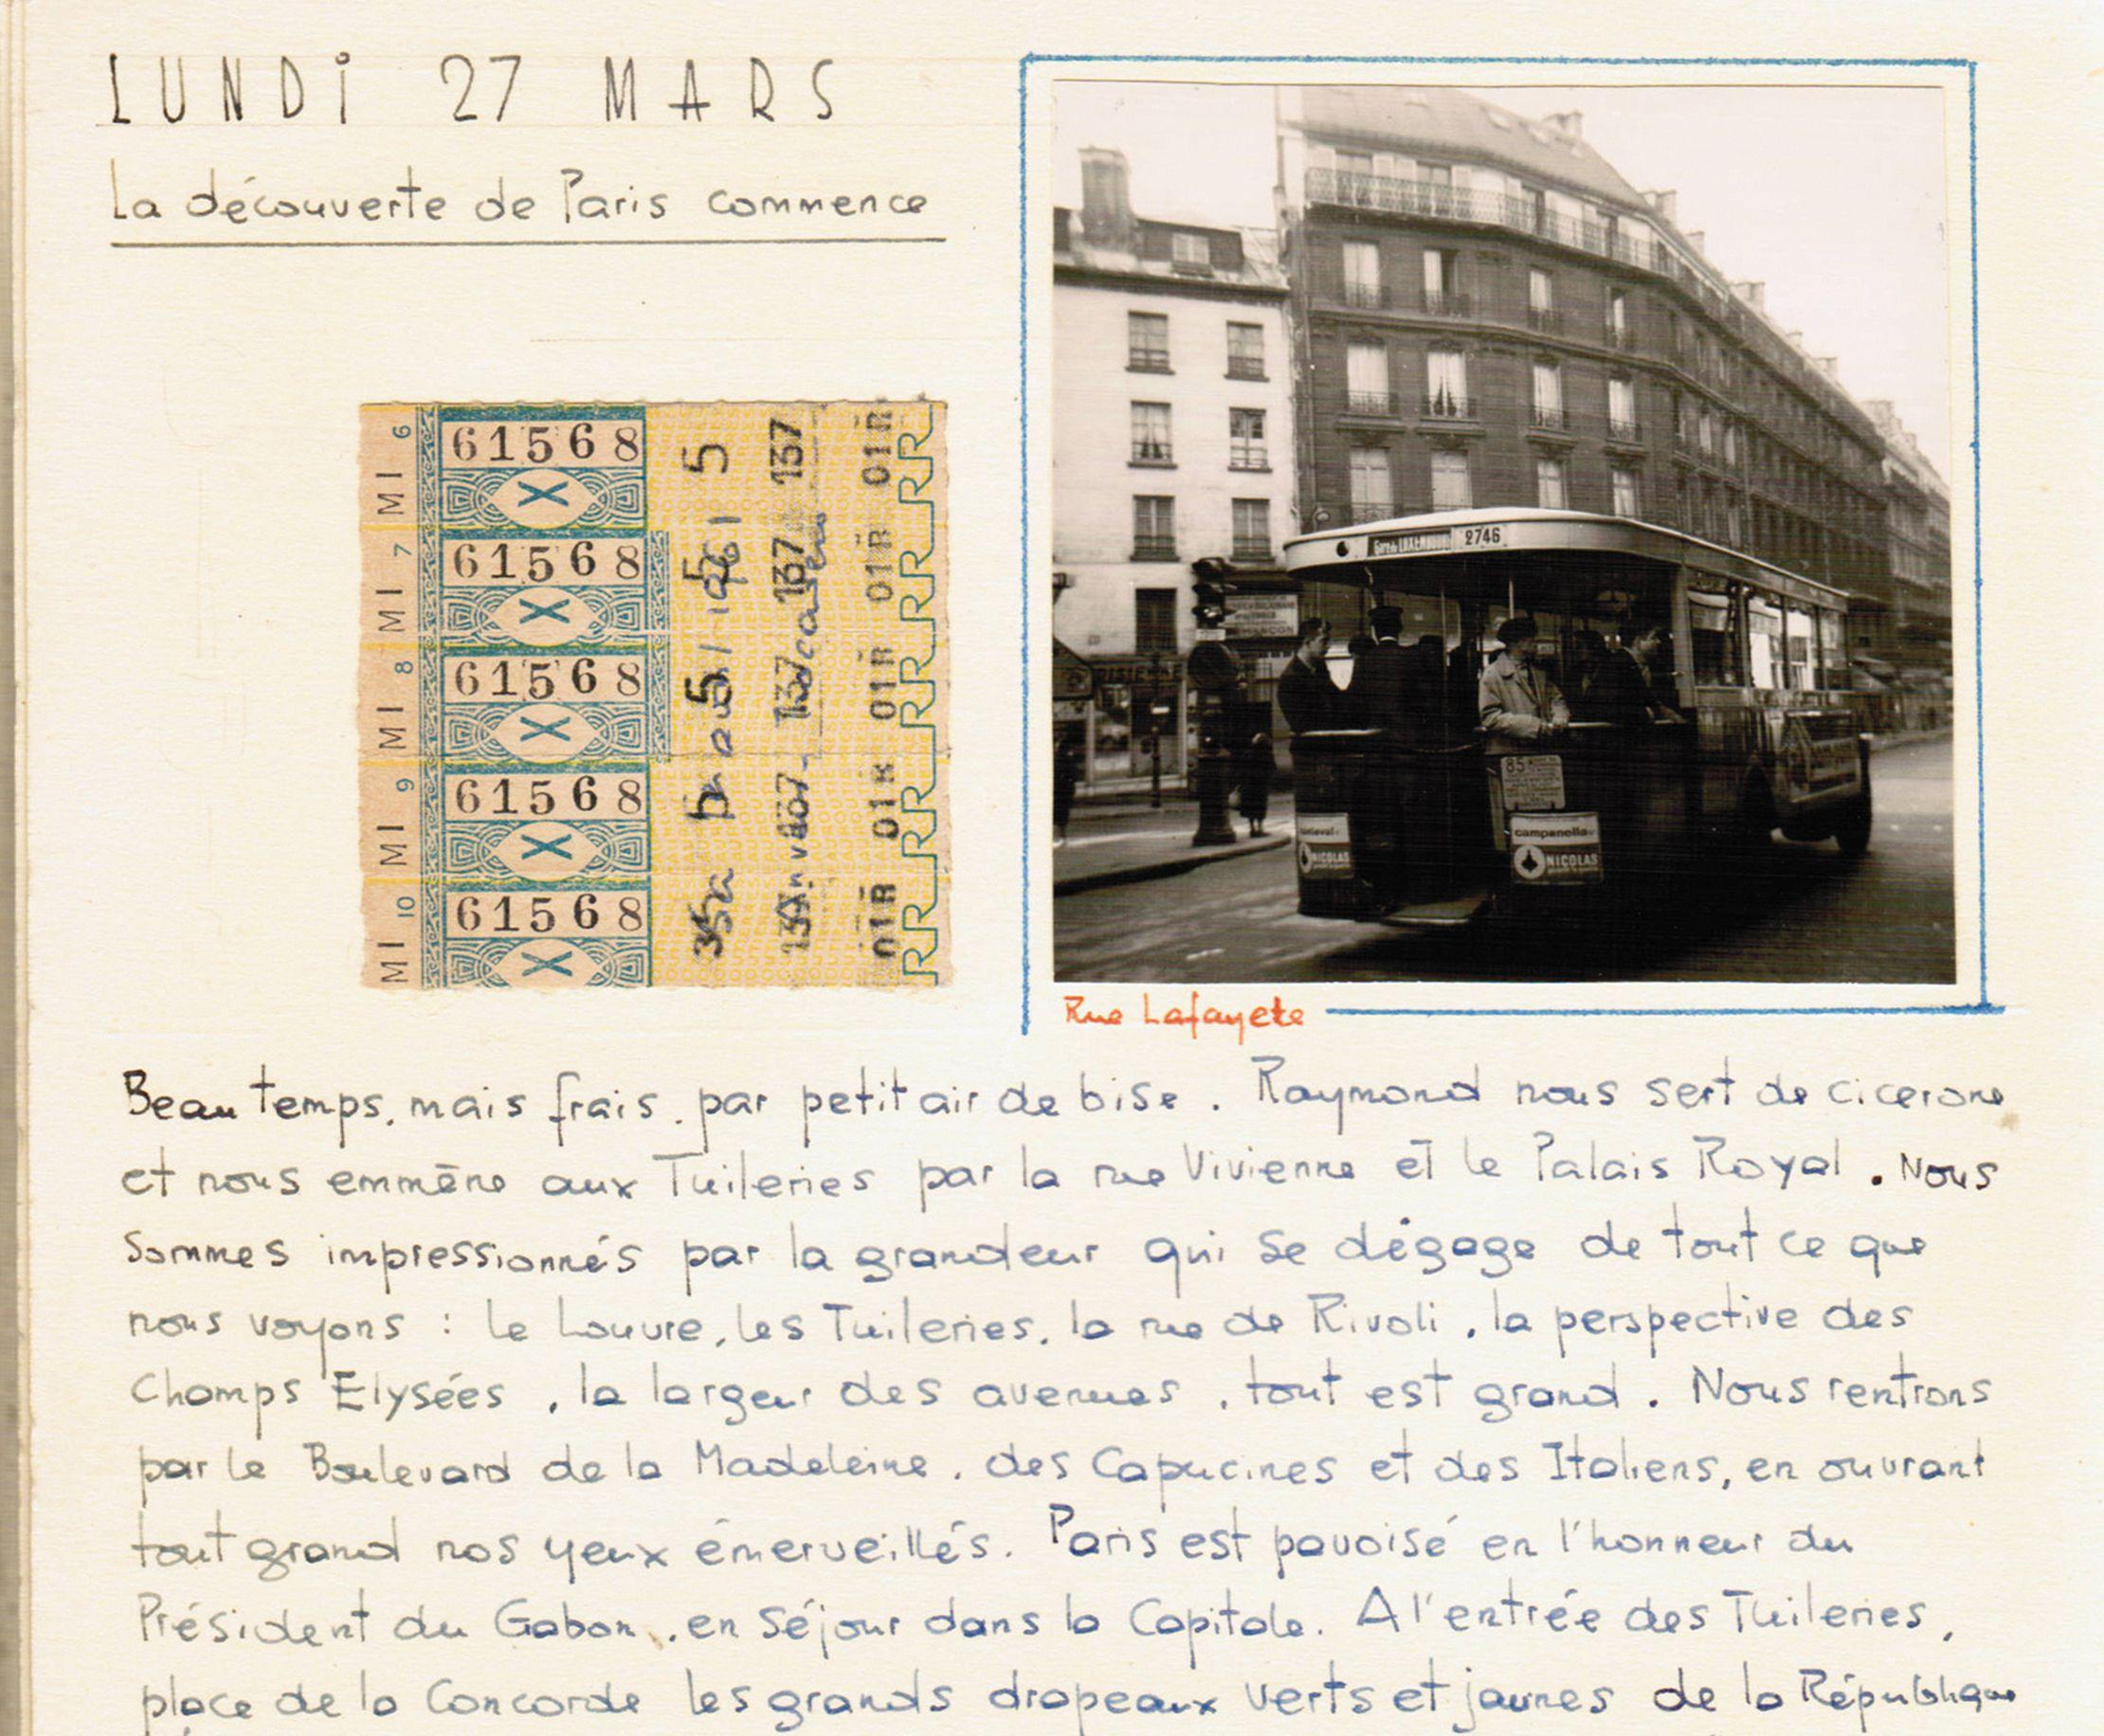 Carnet voyage - Floriane Vacherand - Paris - Bouts du monde